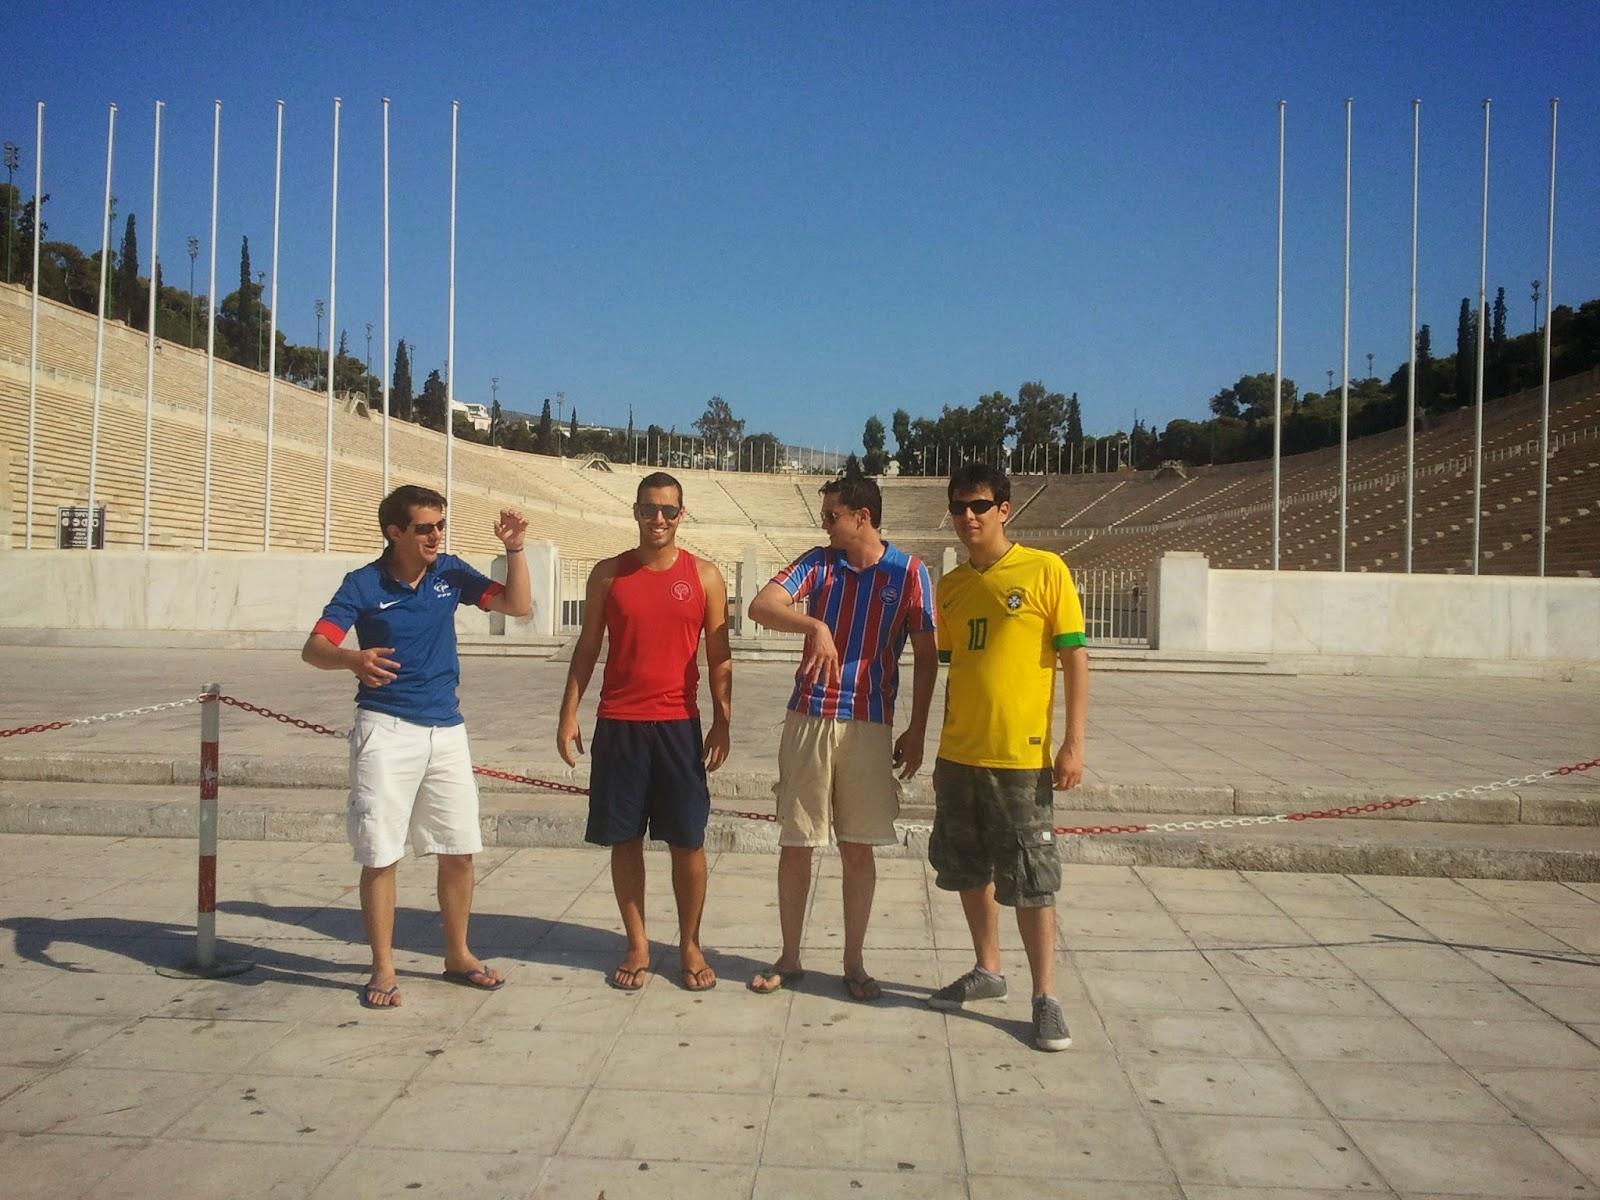 Estádio Olímpico - Atenas - Grécia